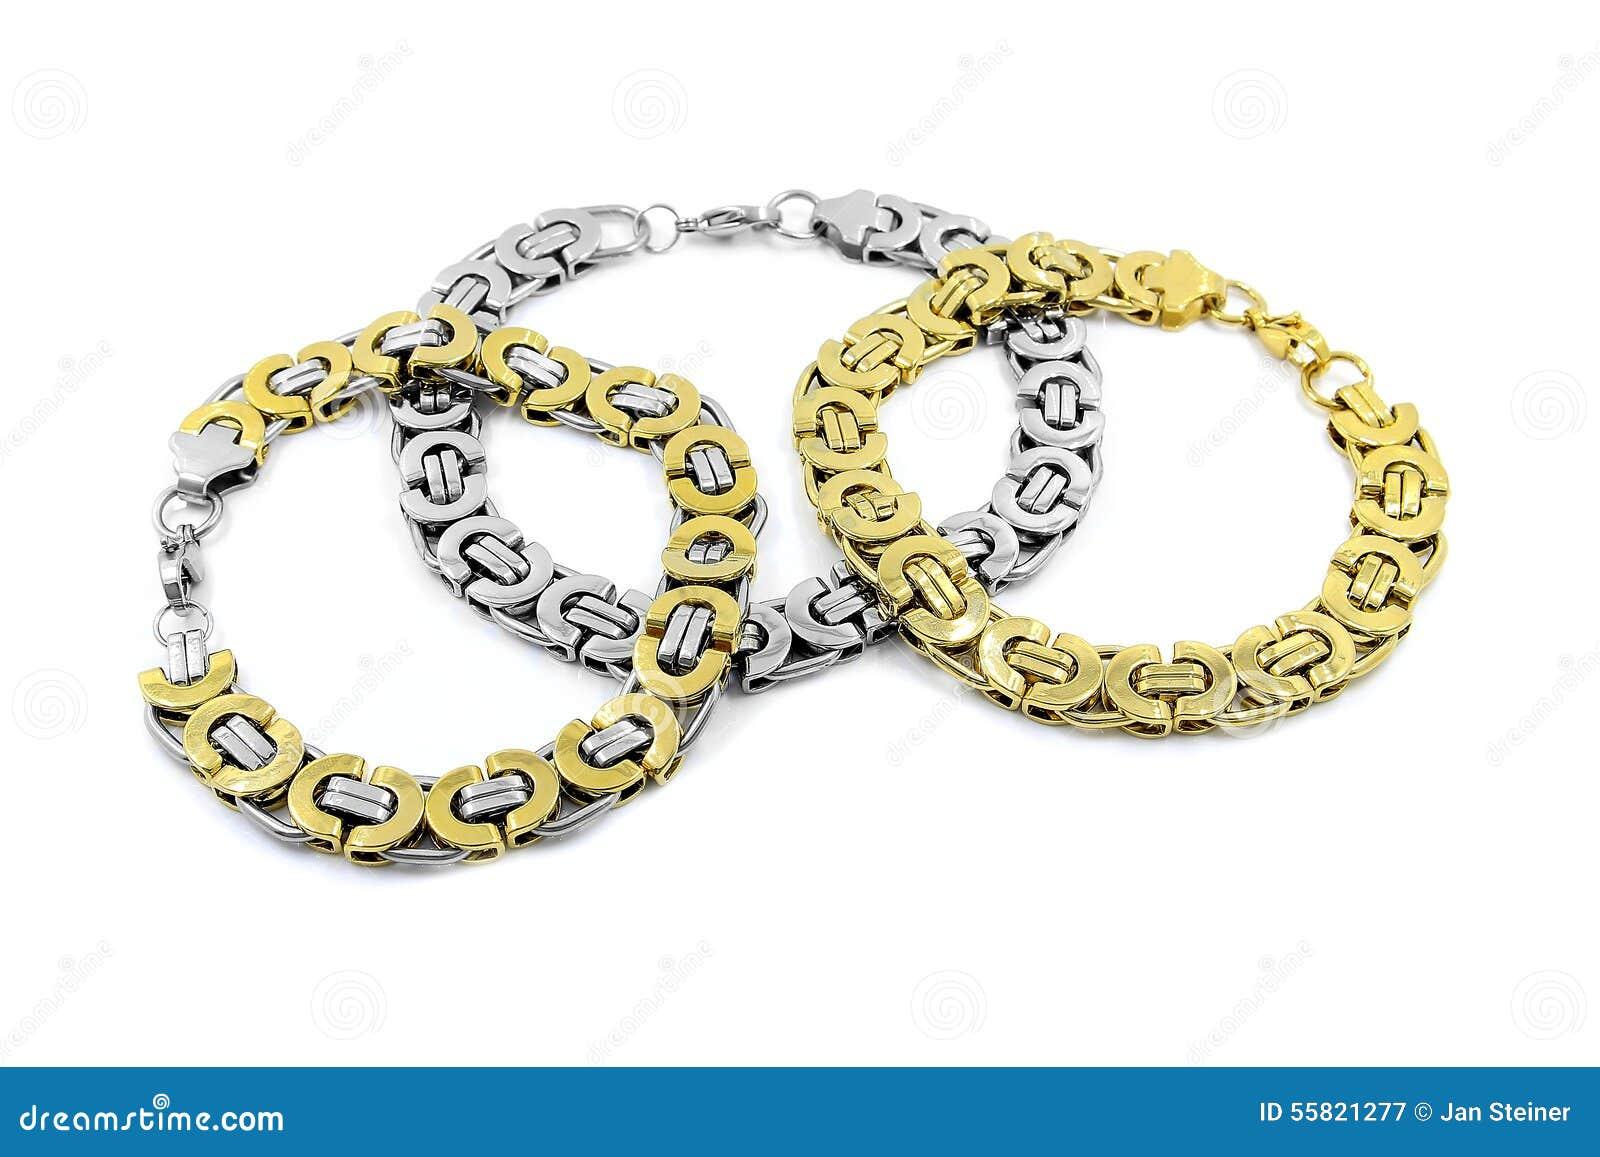 Men's Massive Bracelets, Stainless Steel Stock Photo - Image: 55821277